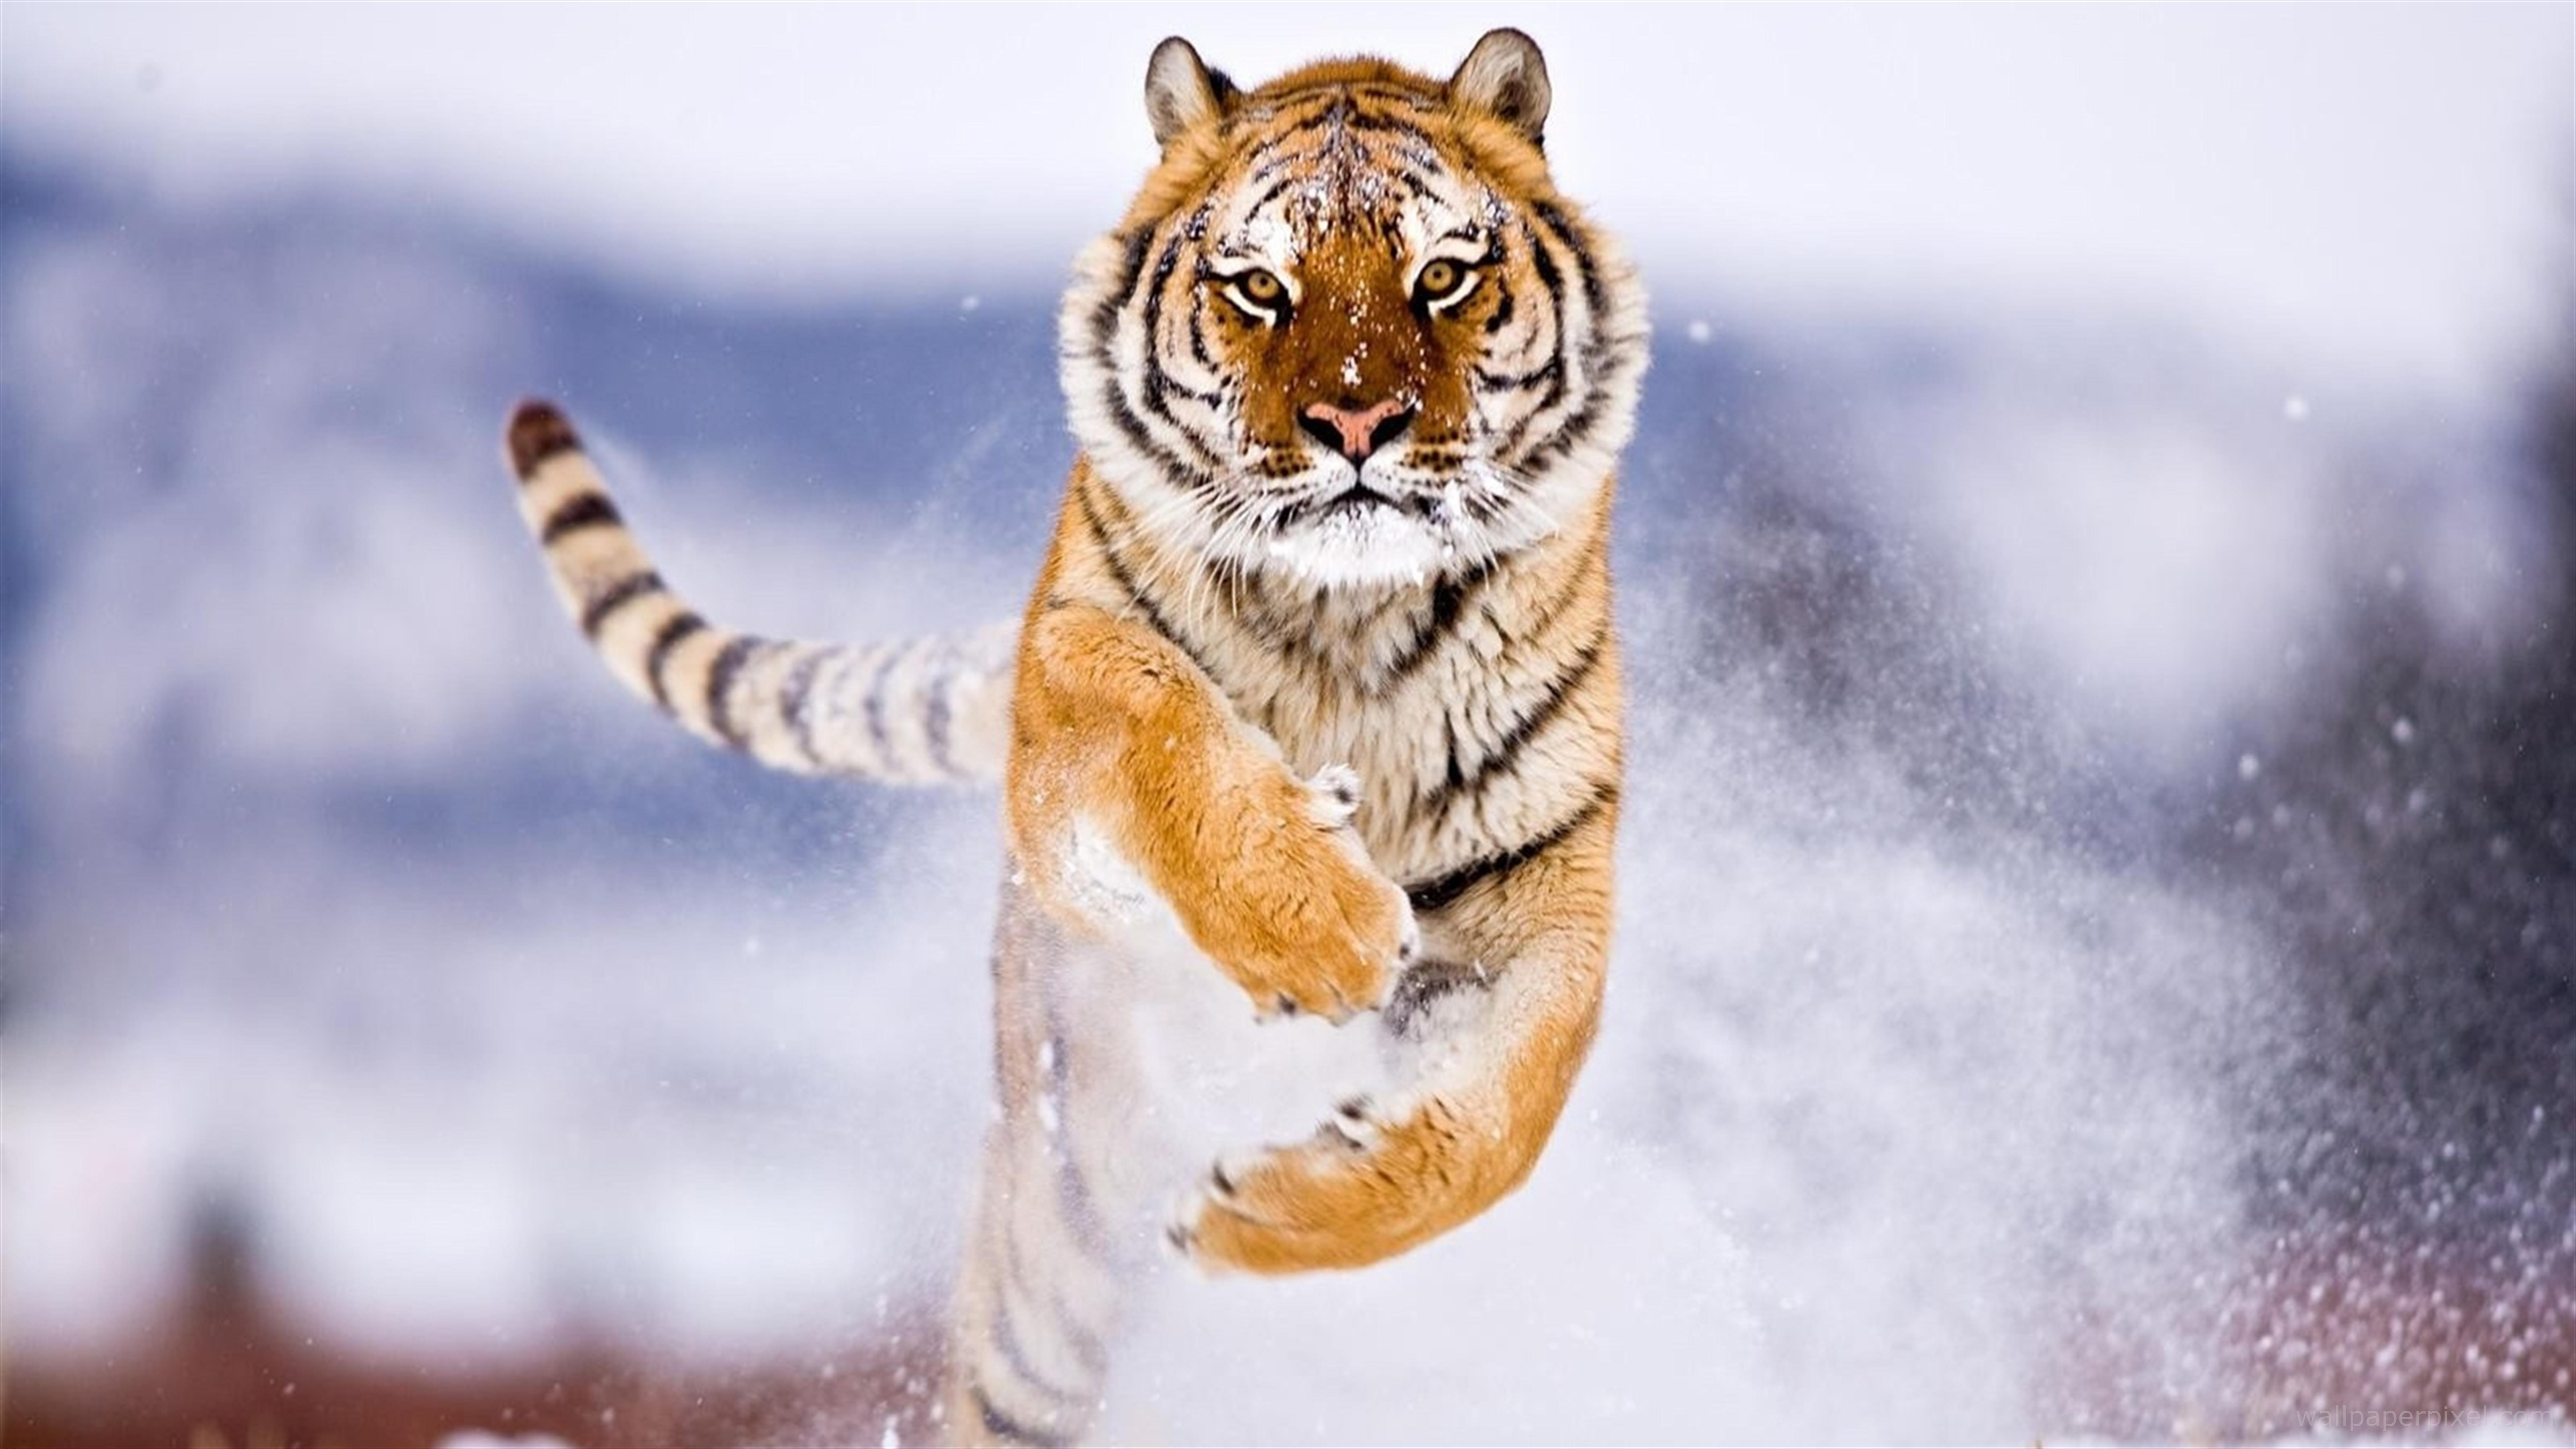 Đời sinh viên phải thử một lần như thế - Page 7 4k-image-tiger-jumping